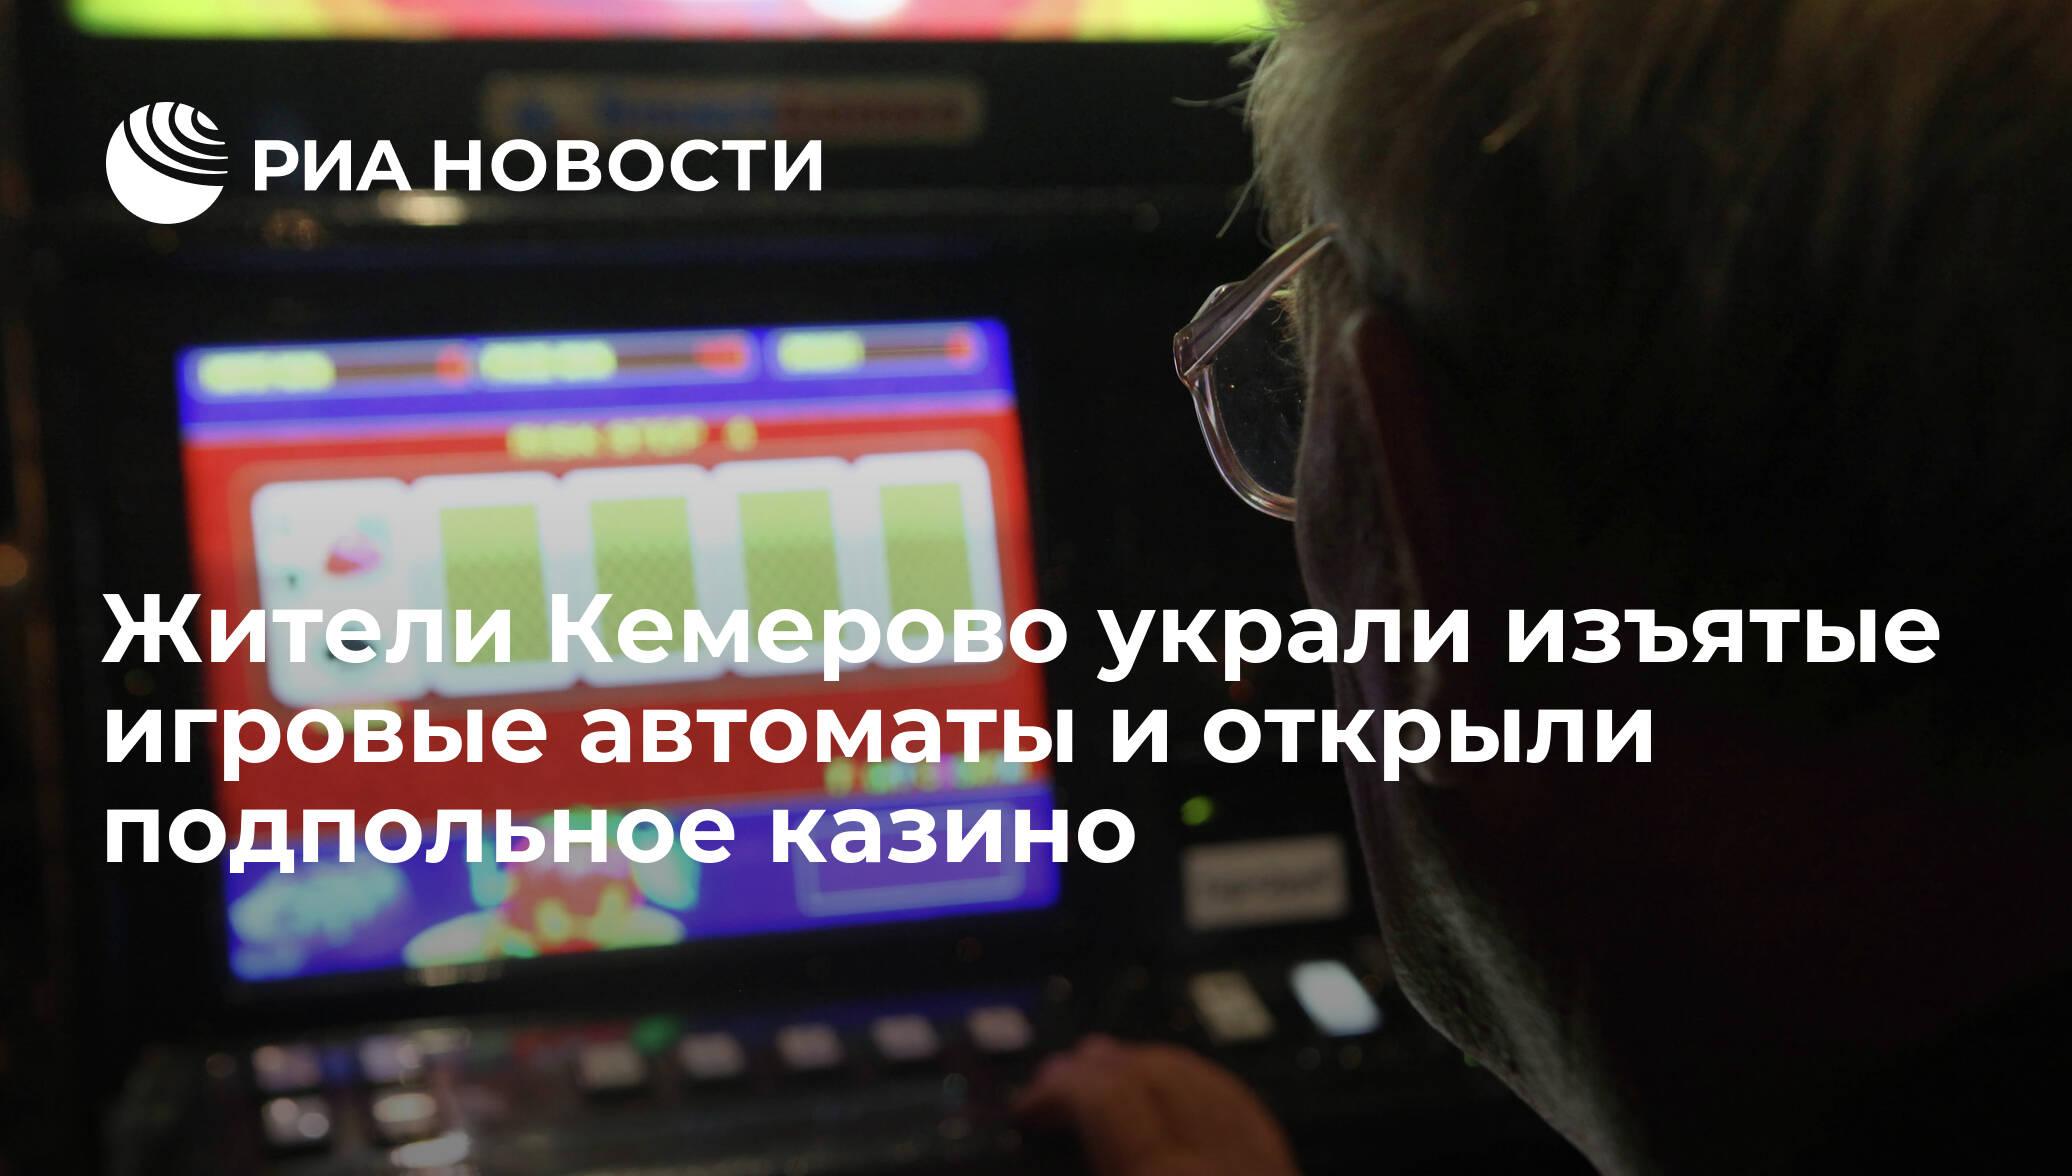 игровые автоматы кемерово